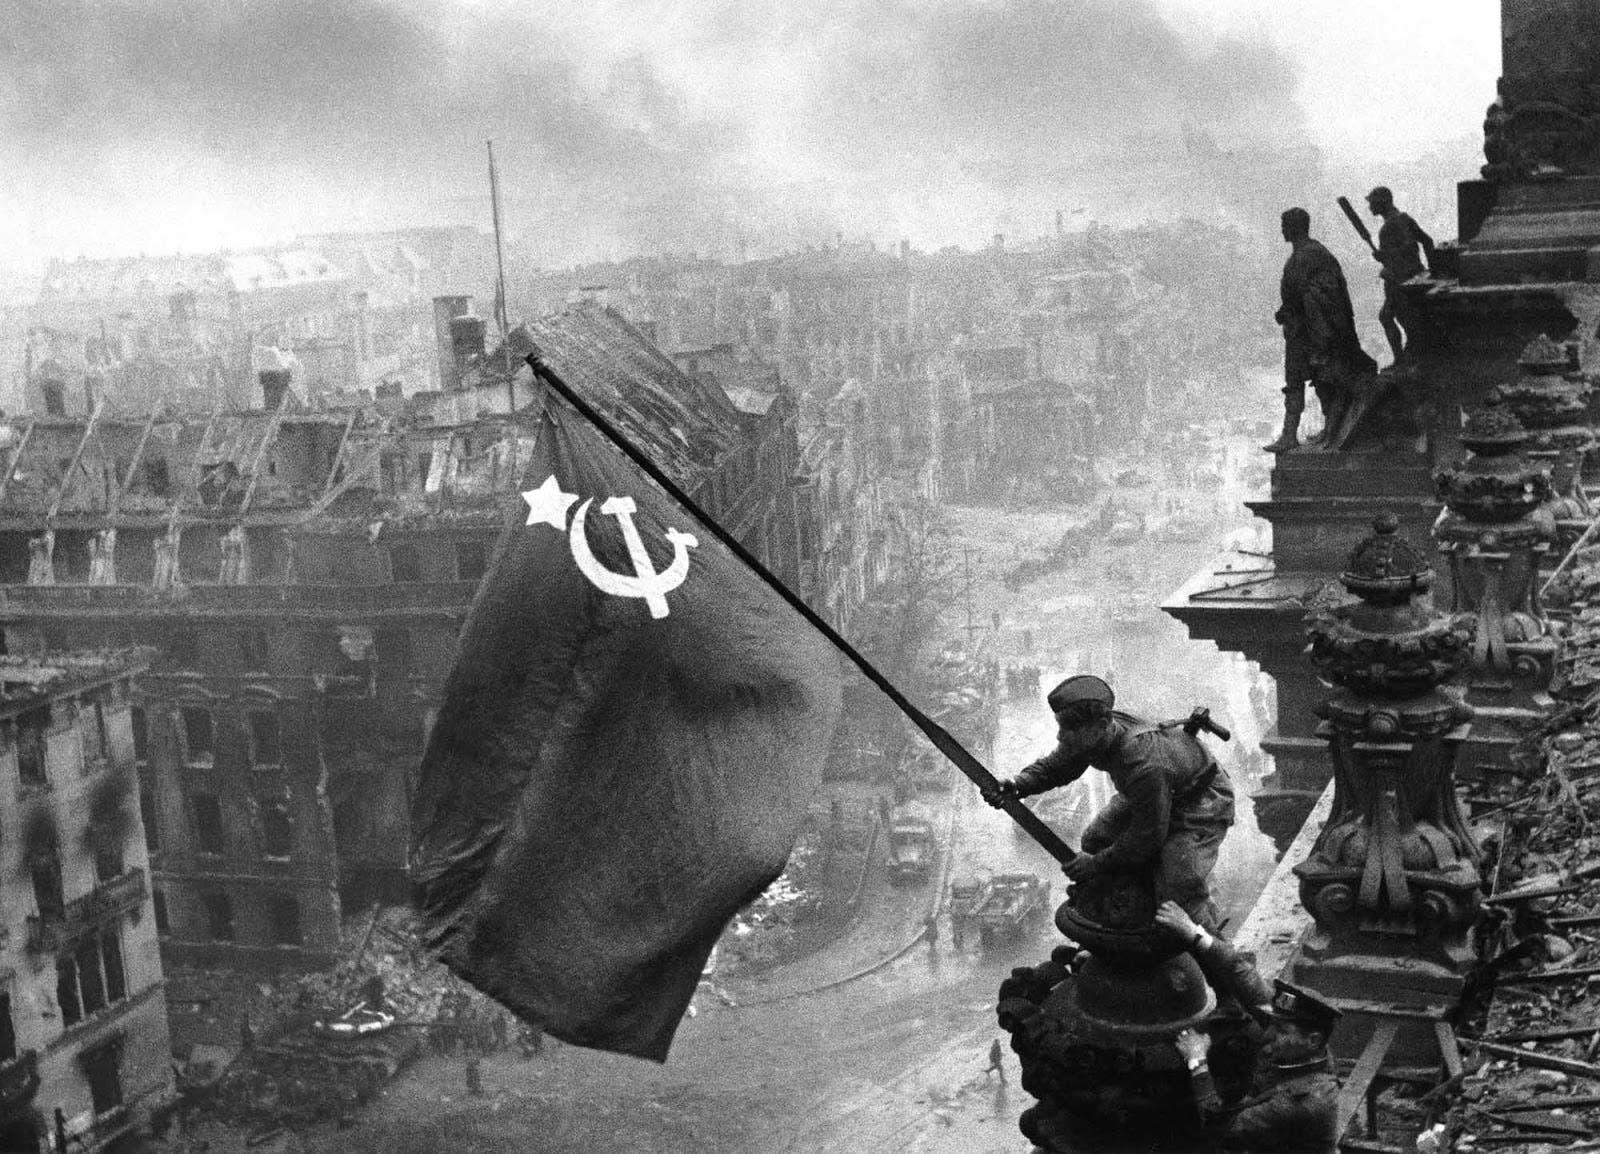 جندي سوفيتي وهو بصدد رفع علم الاتحاد السوفيتي على مبنى الرايخستاغ بالعاصمة الألمانية برلين